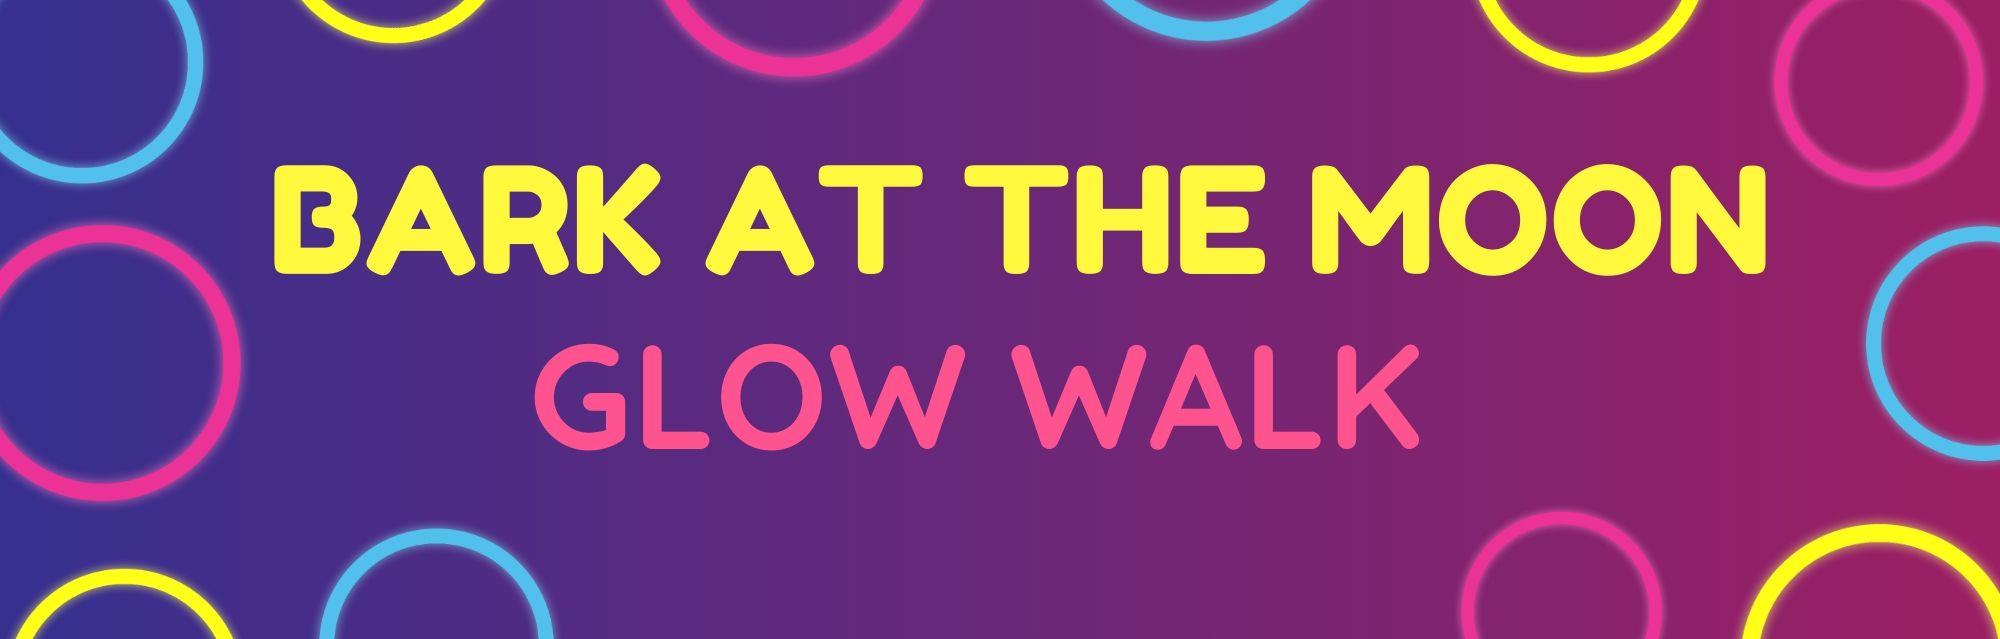 Glow walk 2018   print ad %282%29